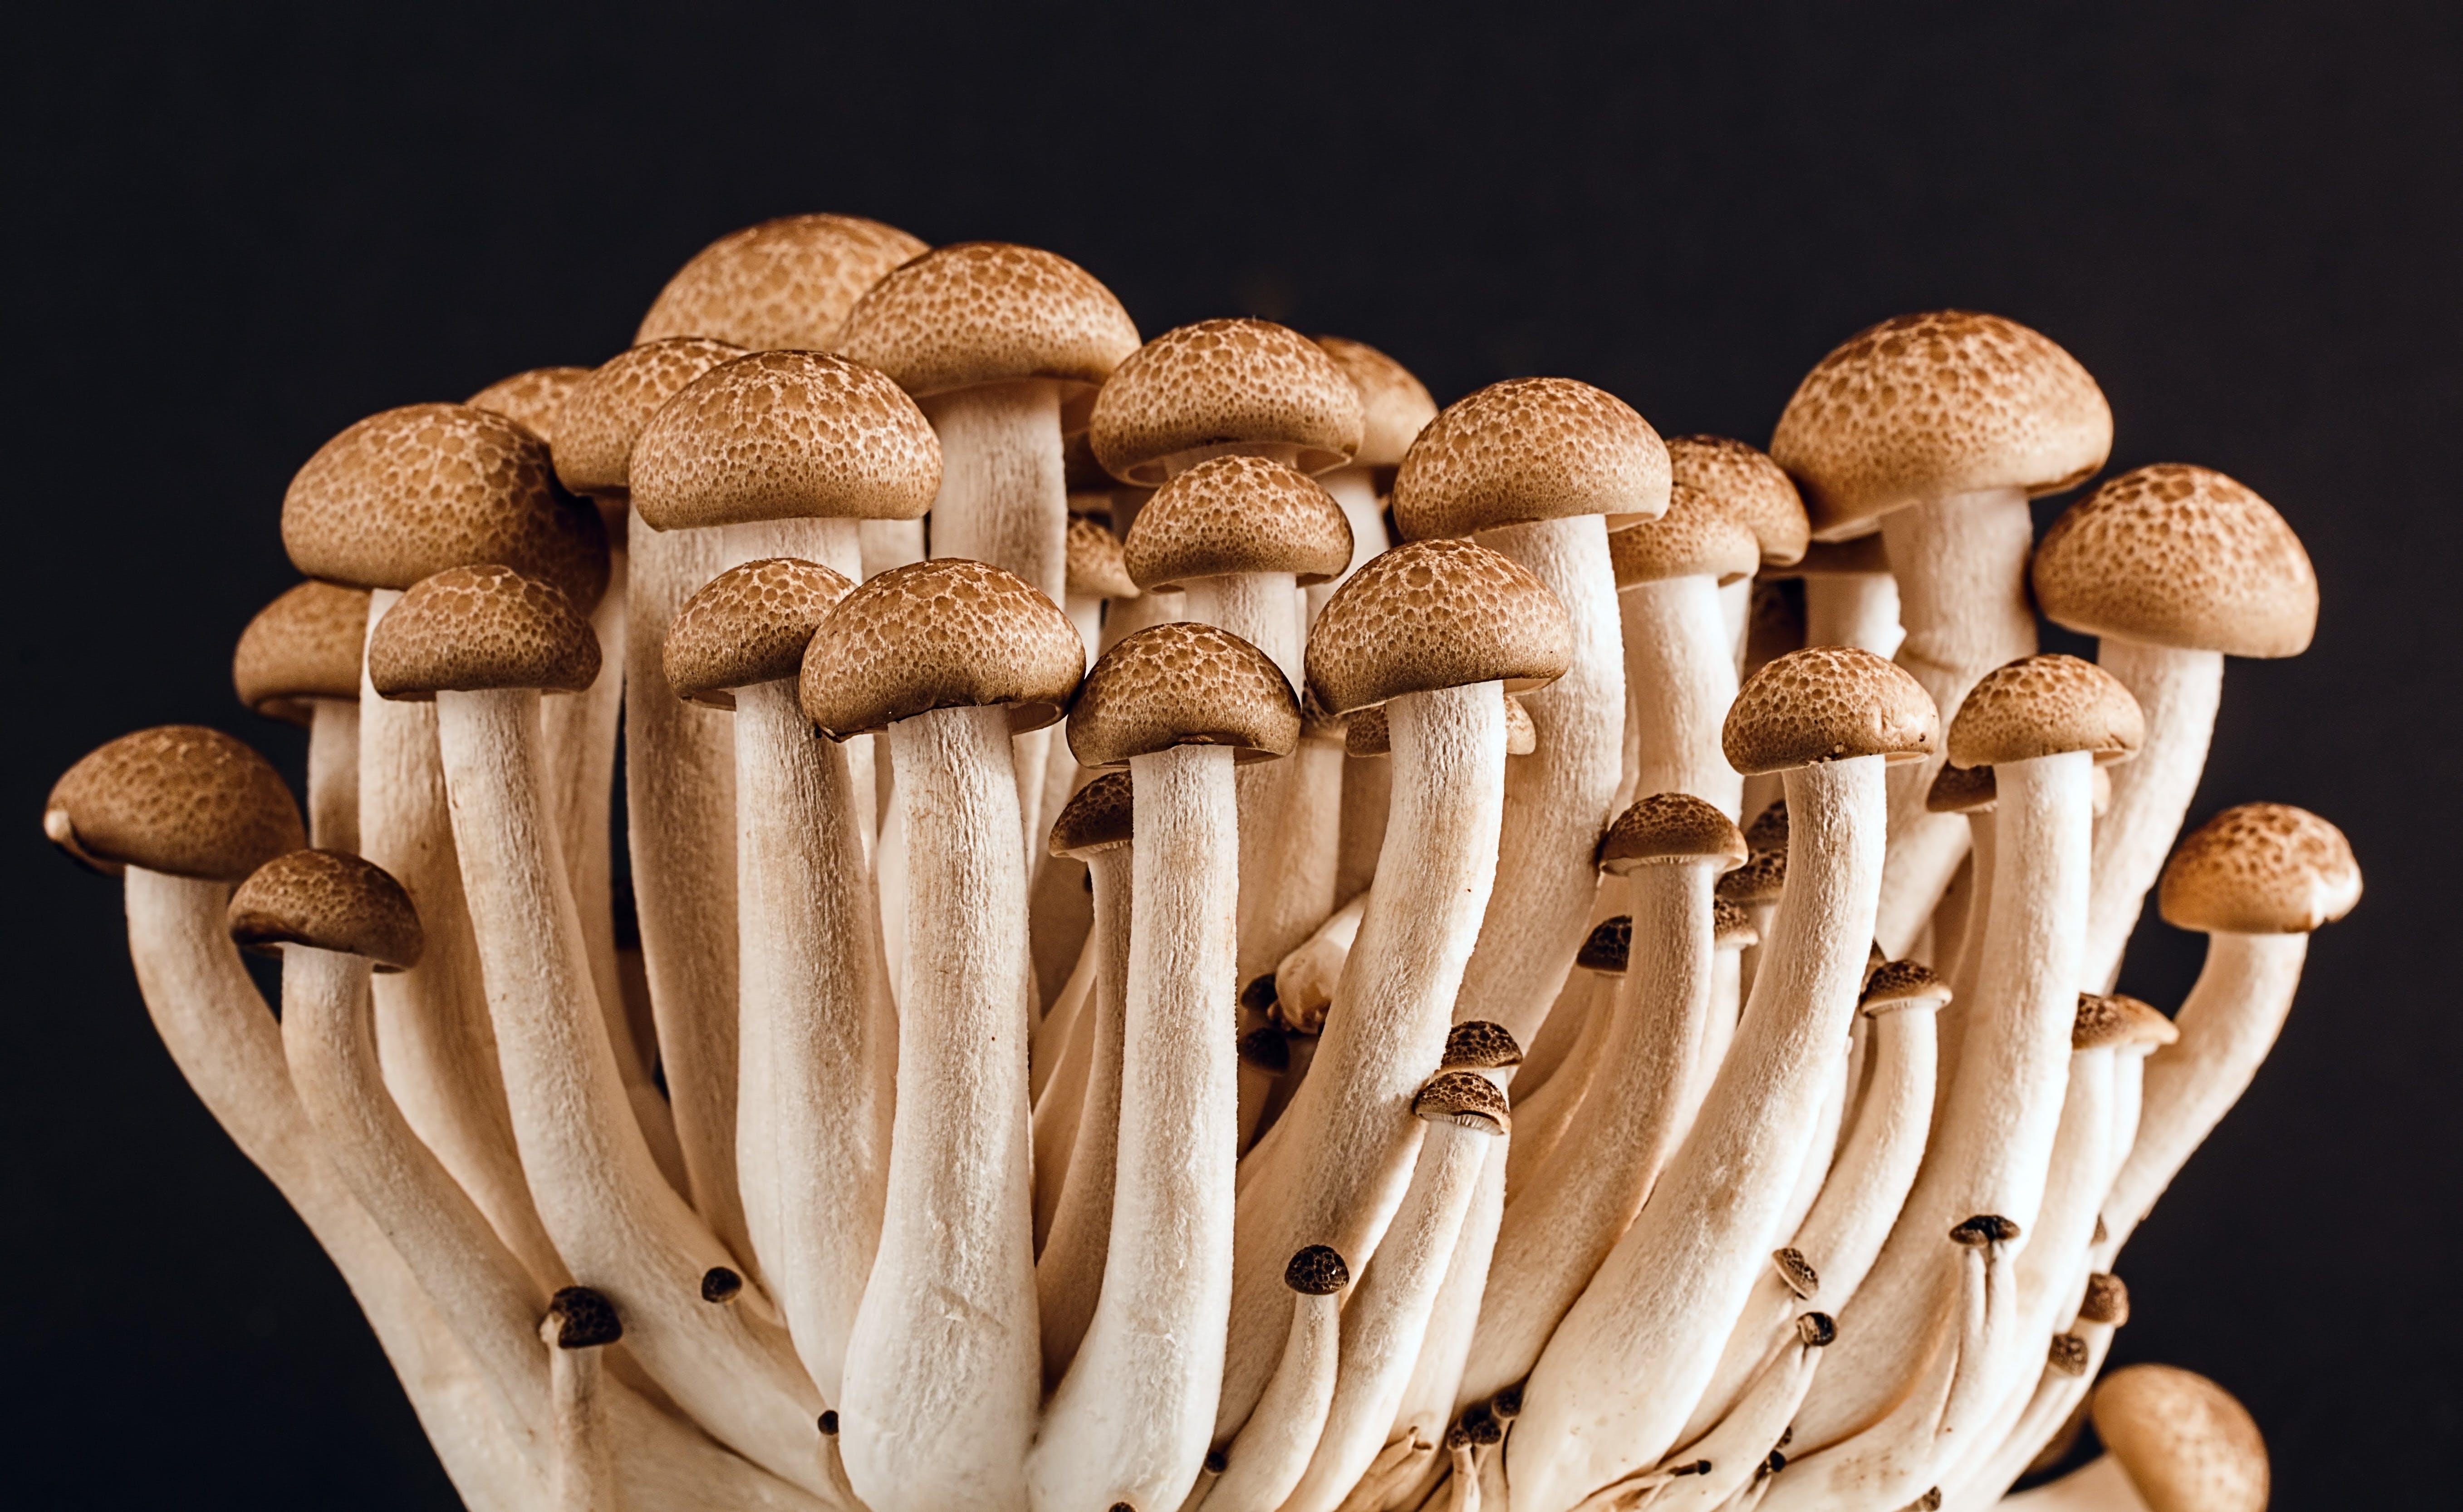 Δωρεάν στοκ φωτογραφιών με Boletus, champignon, ακατέργαστος, βρώσιμος